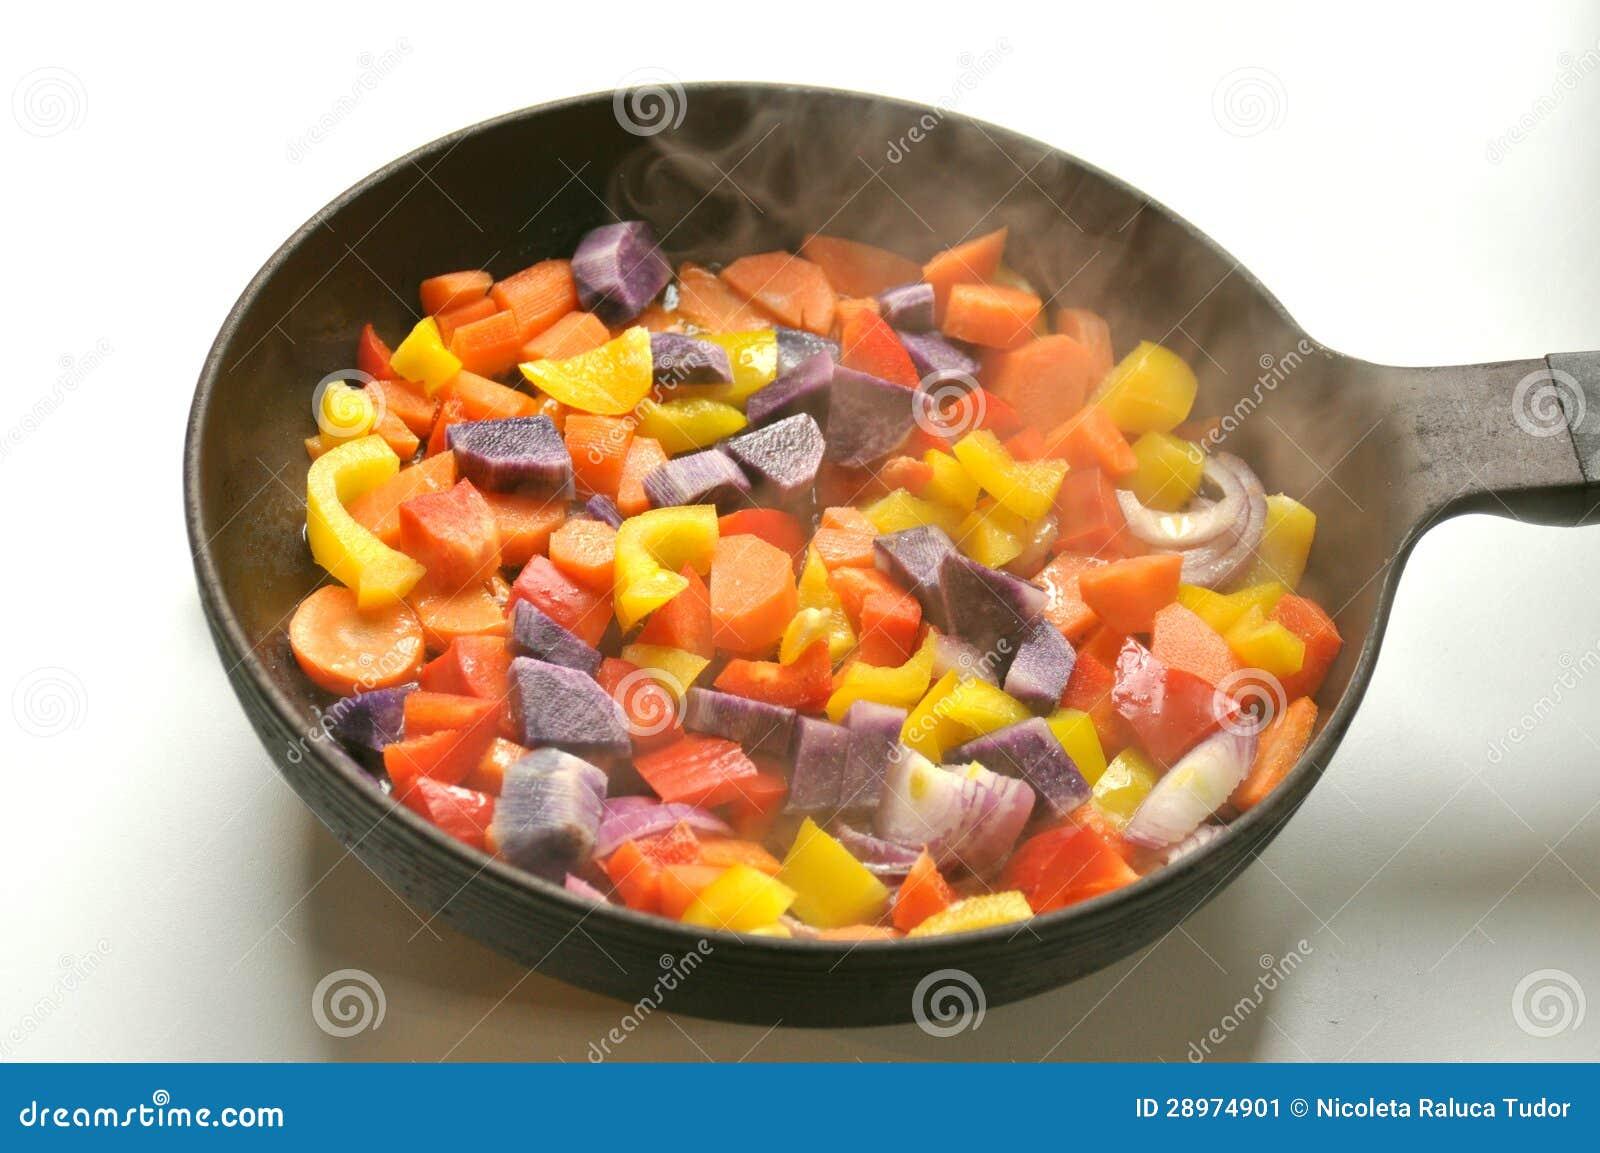 Kulinarny weganin od narysu pojęcia